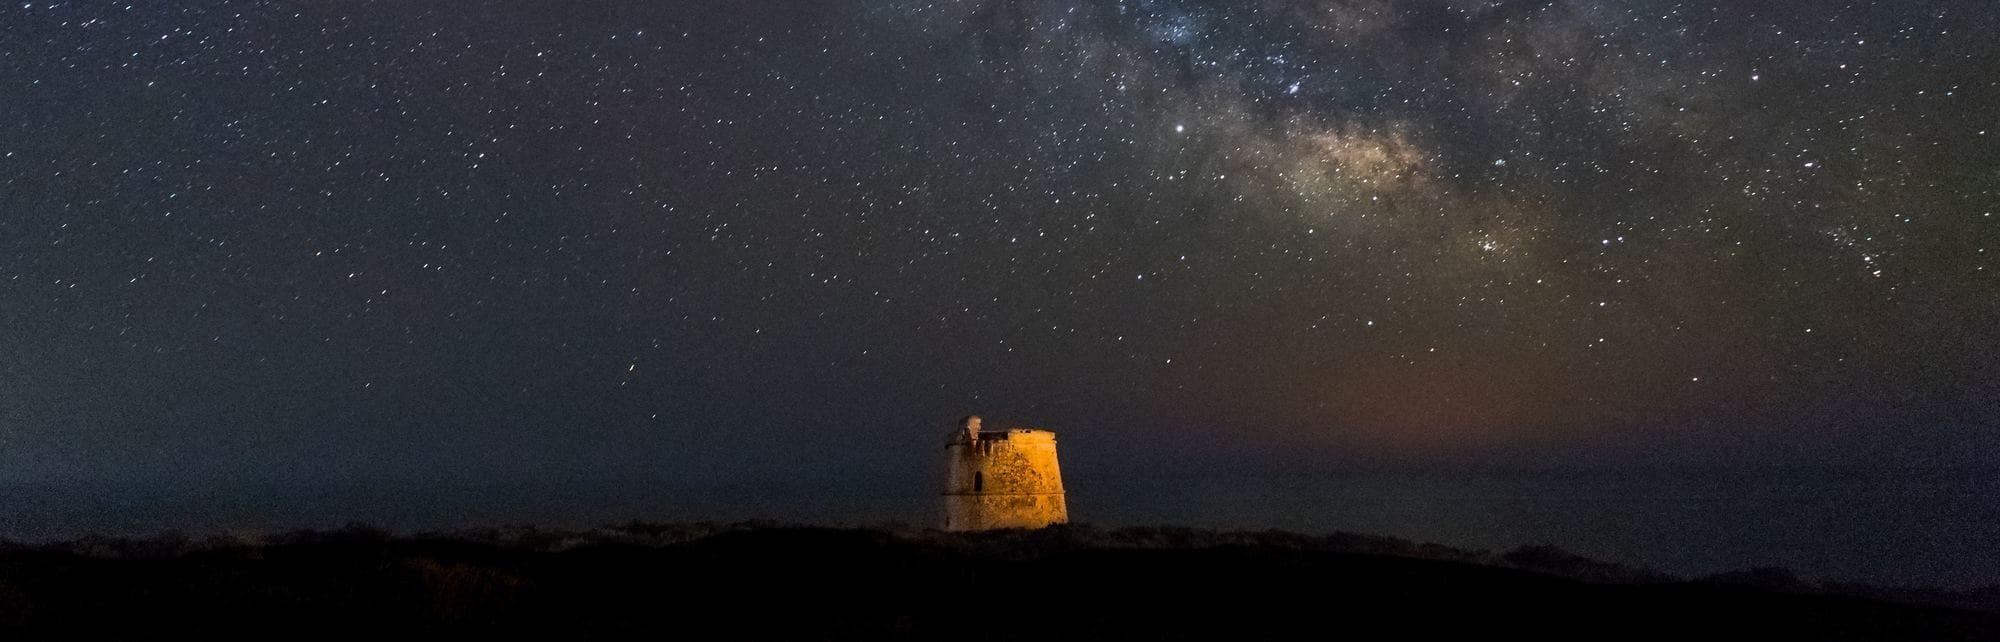 Camping en Formentera, ¿se puede?